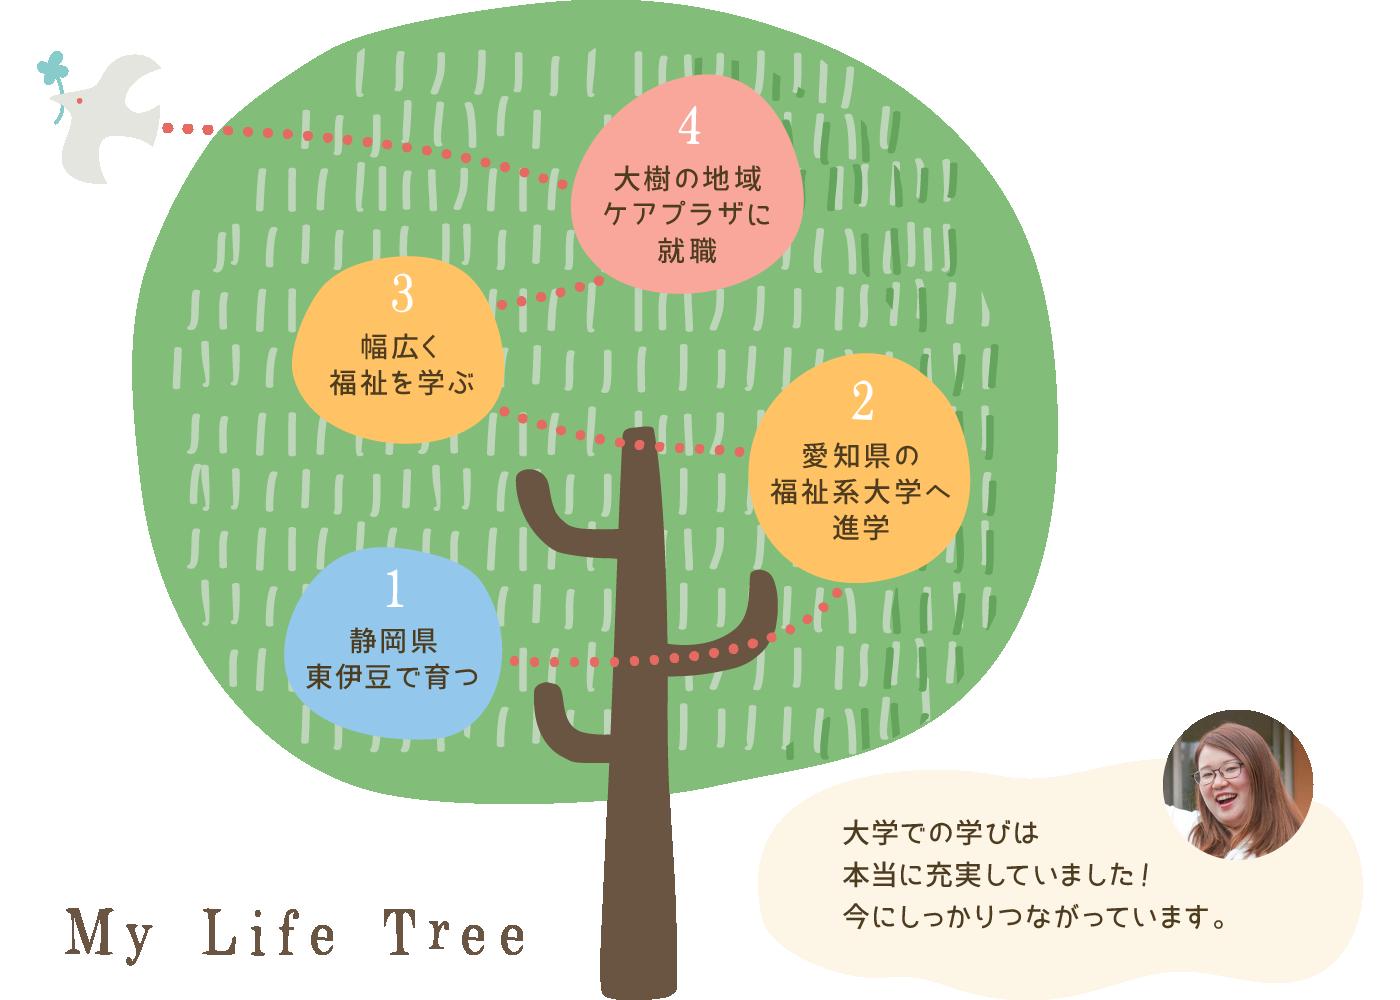 静岡県東伊豆で育つ、愛知県の福祉系大学へ進学、幅広く福祉を学ぶ、大樹の地域ケアプラザに就職。